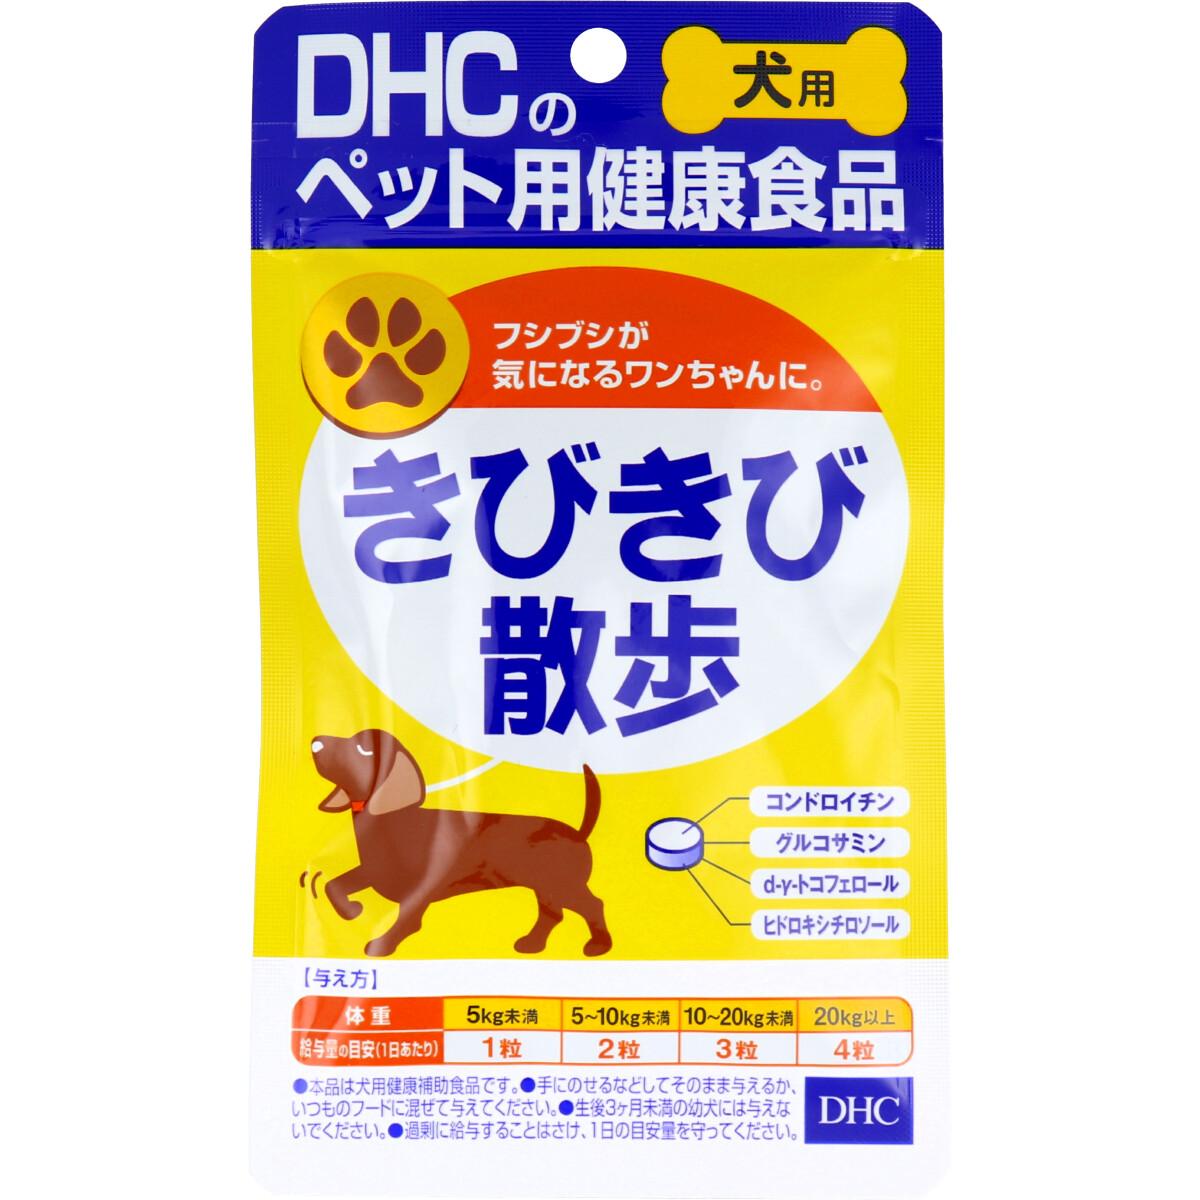 3580円で送料無料 代引き無料 沖縄 離島は別途送料 DHC きびきび散歩 今だけ限定15%OFFクーポン発行中 DHCのペット用健康食品 60粒 スーパーセール期間限定 犬用